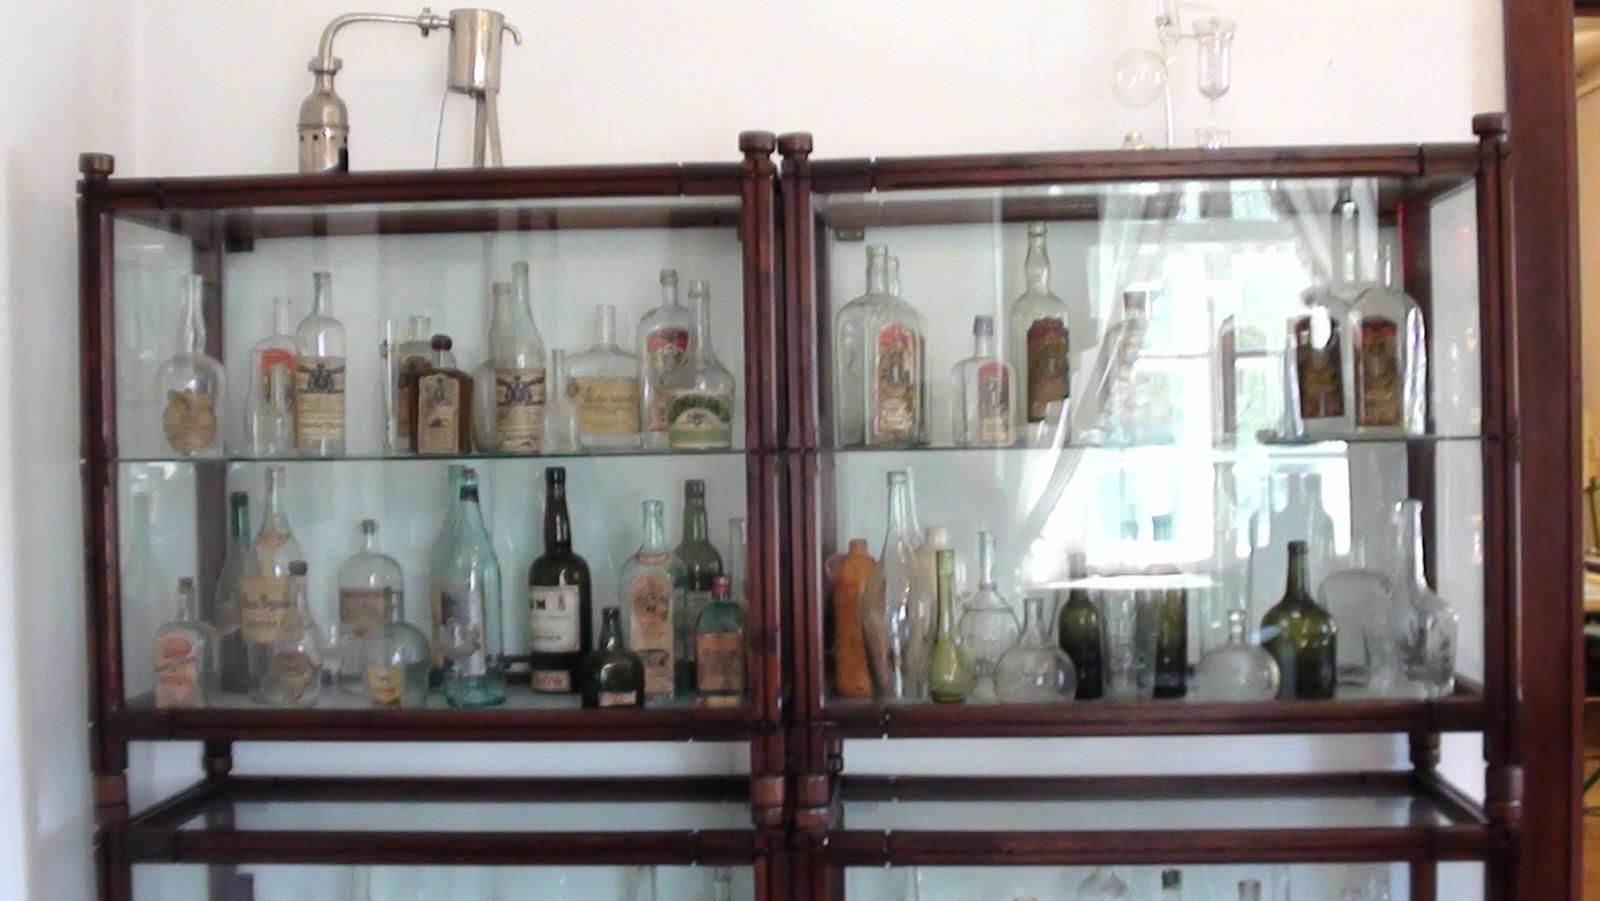 Łańcut. Fabryka wódek, likierów i rosolisów